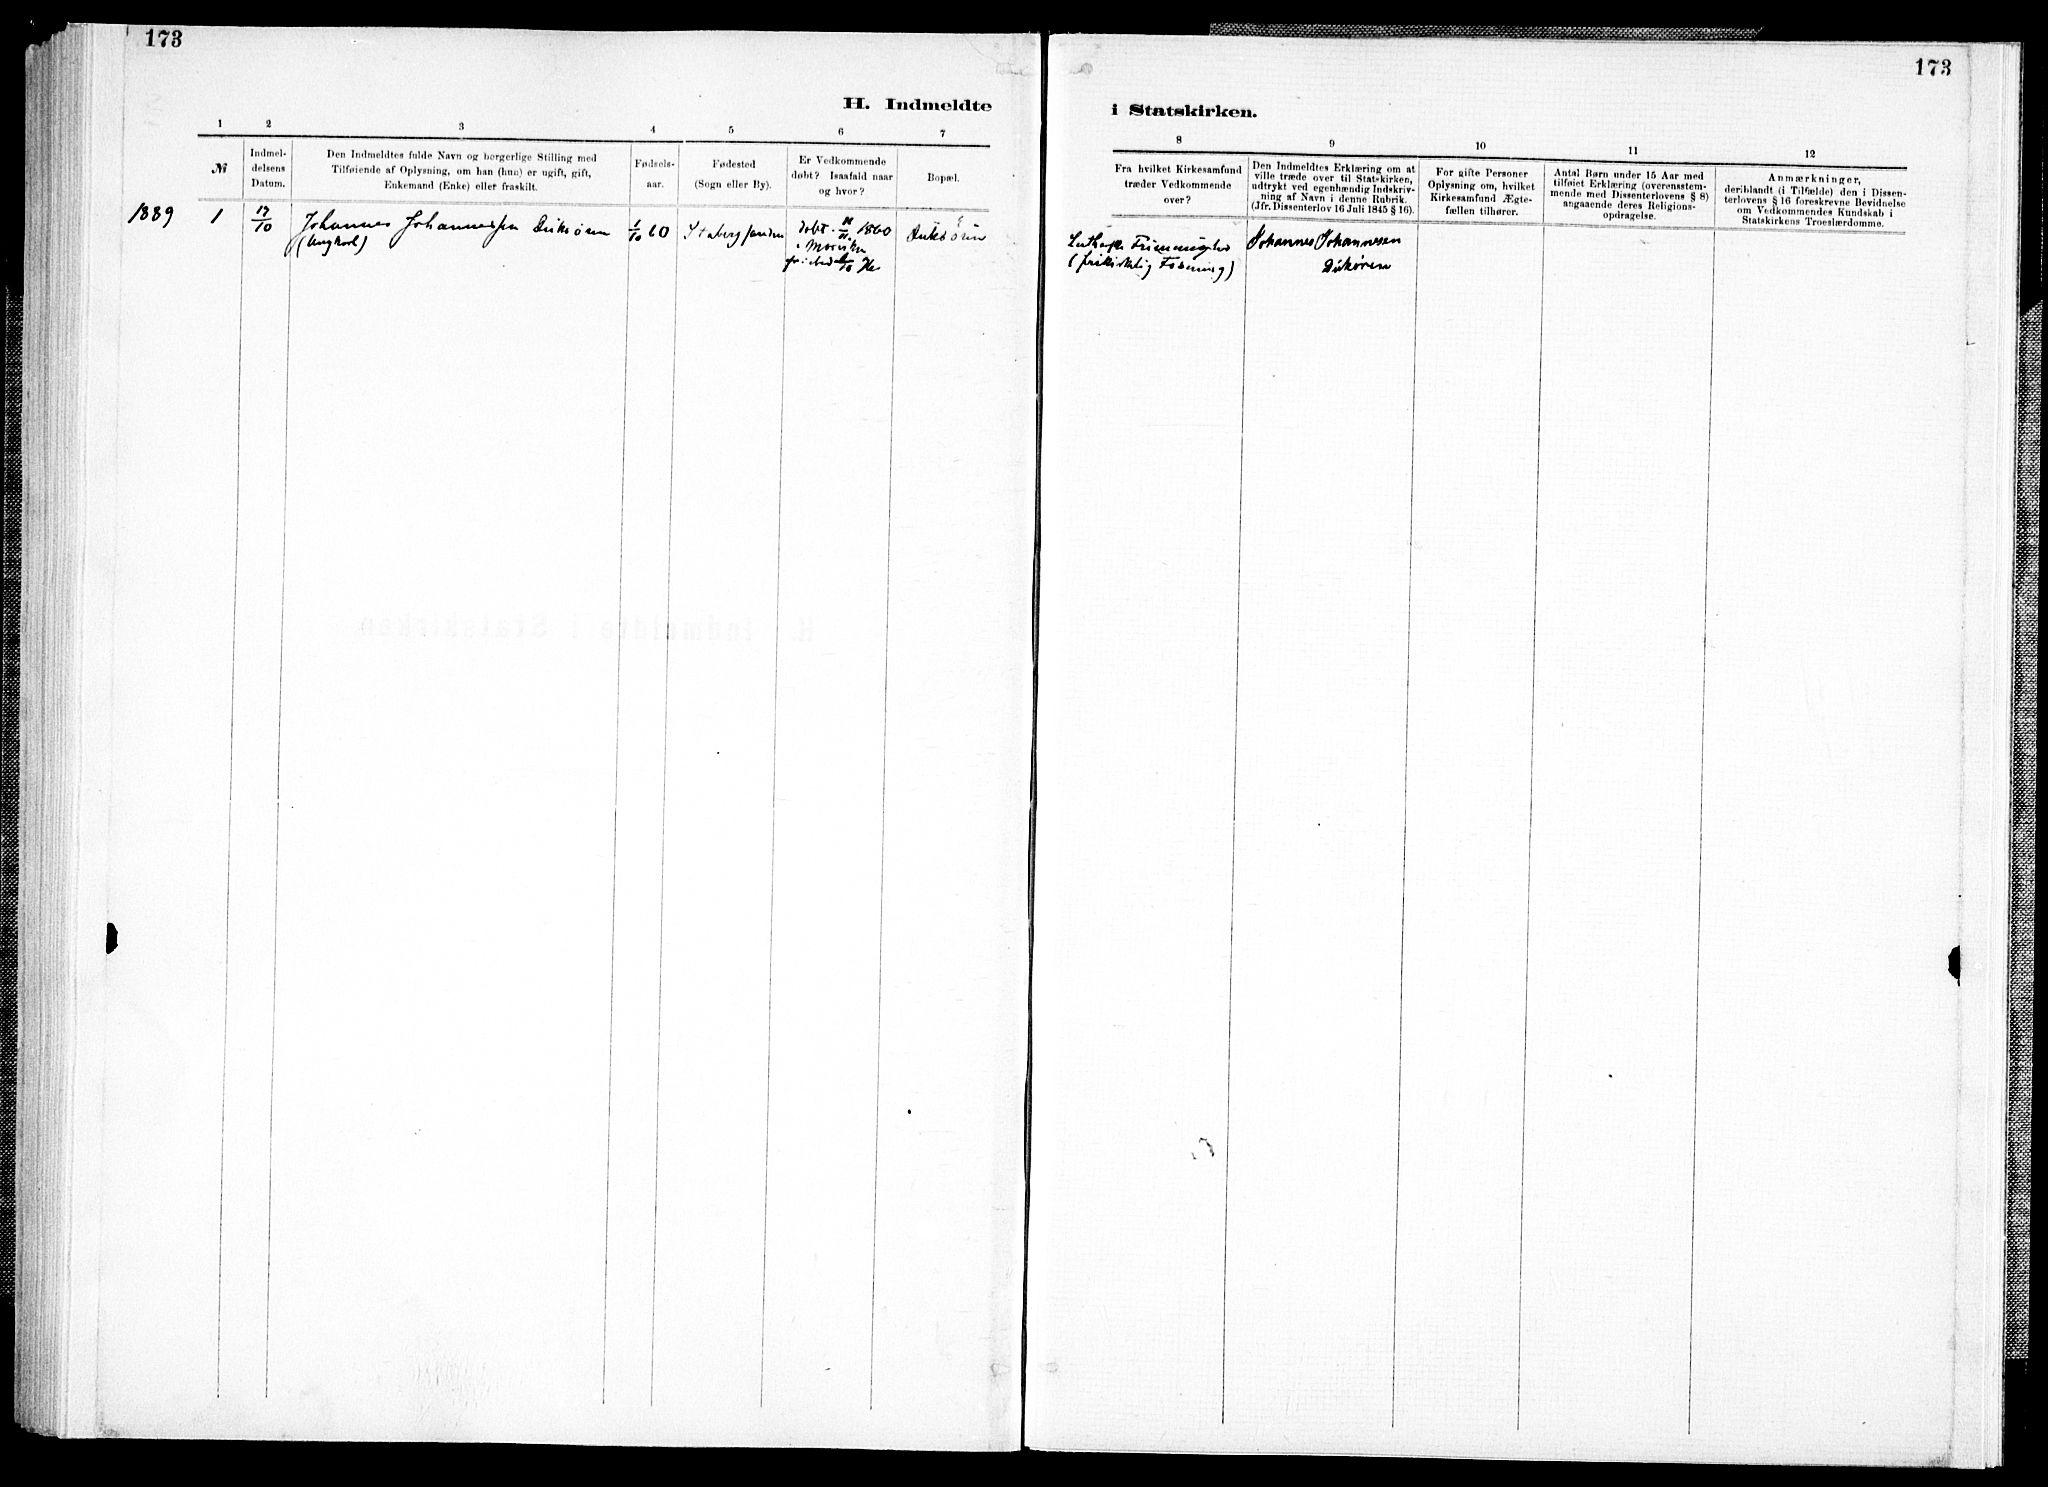 SAT, Ministerialprotokoller, klokkerbøker og fødselsregistre - Nord-Trøndelag, 733/L0325: Ministerialbok nr. 733A04, 1884-1908, s. 173